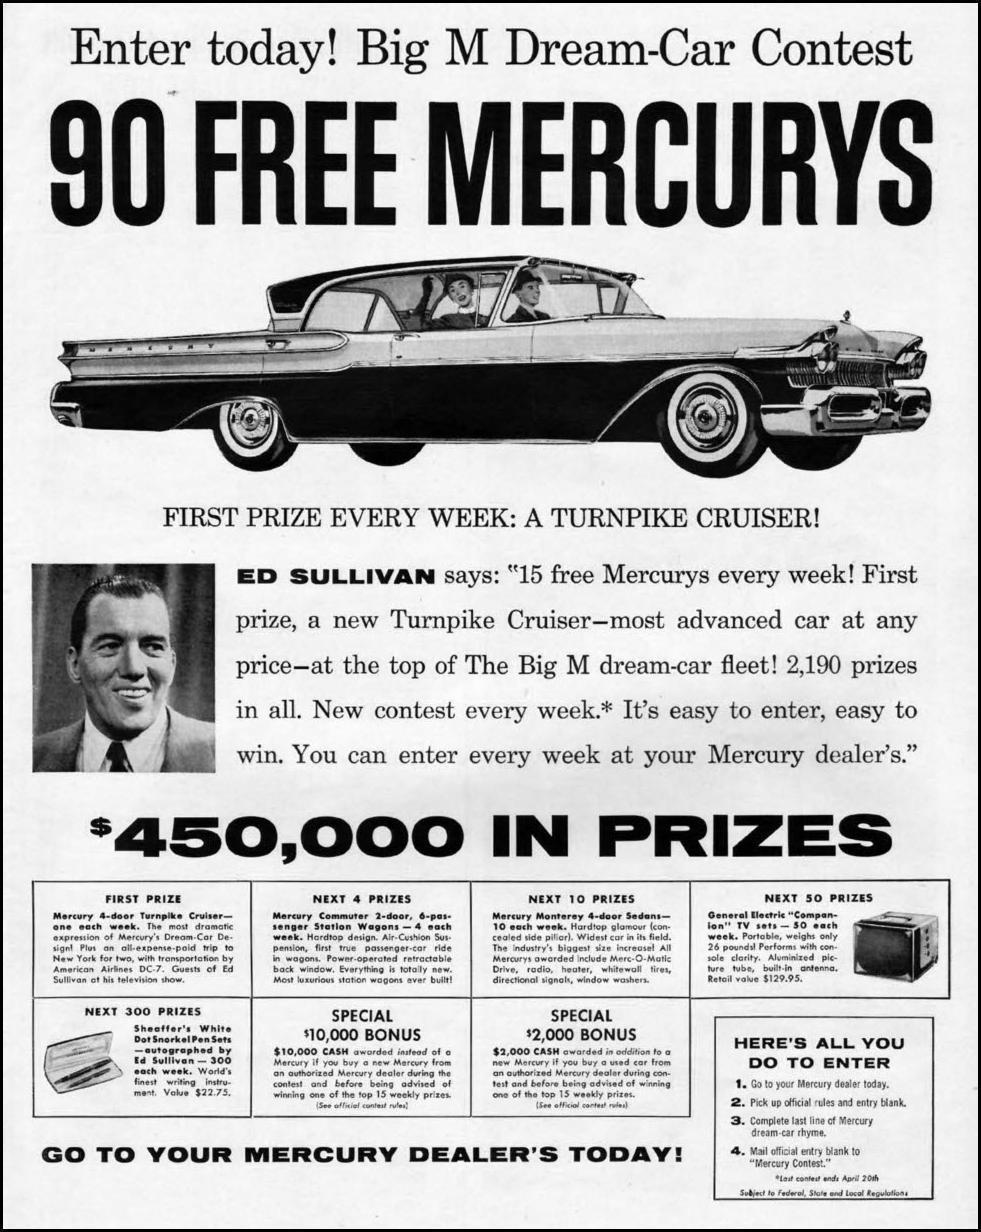 MERCURY AUTOMOBILES LIFE 04/01/1957 p. 59